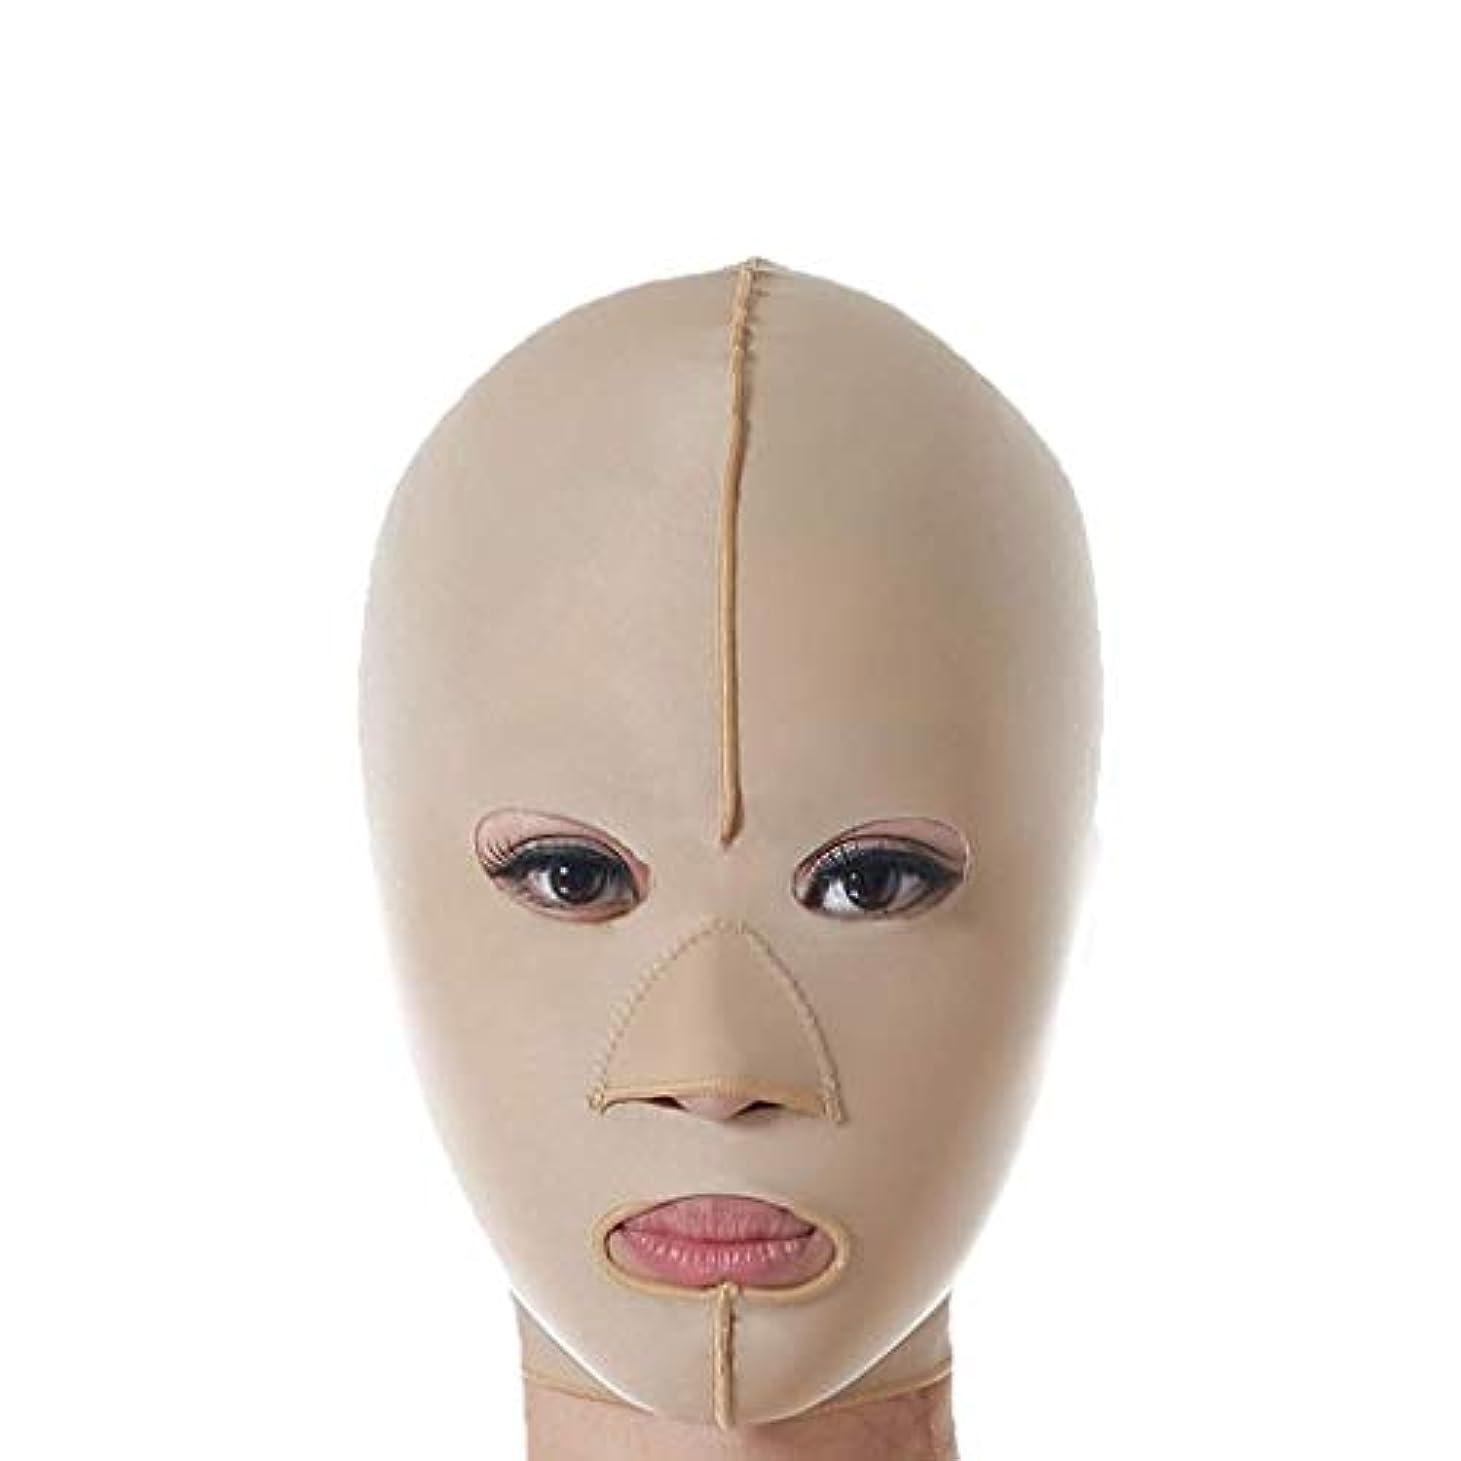 海外マイクロフォンクアッガ減量フェイスマスク、リフティング包帯、スリムフェイスリフトリフティングベルト、フェイシャル減量リフティング包帯、リフティングファーミング包帯(サイズ:XL),S